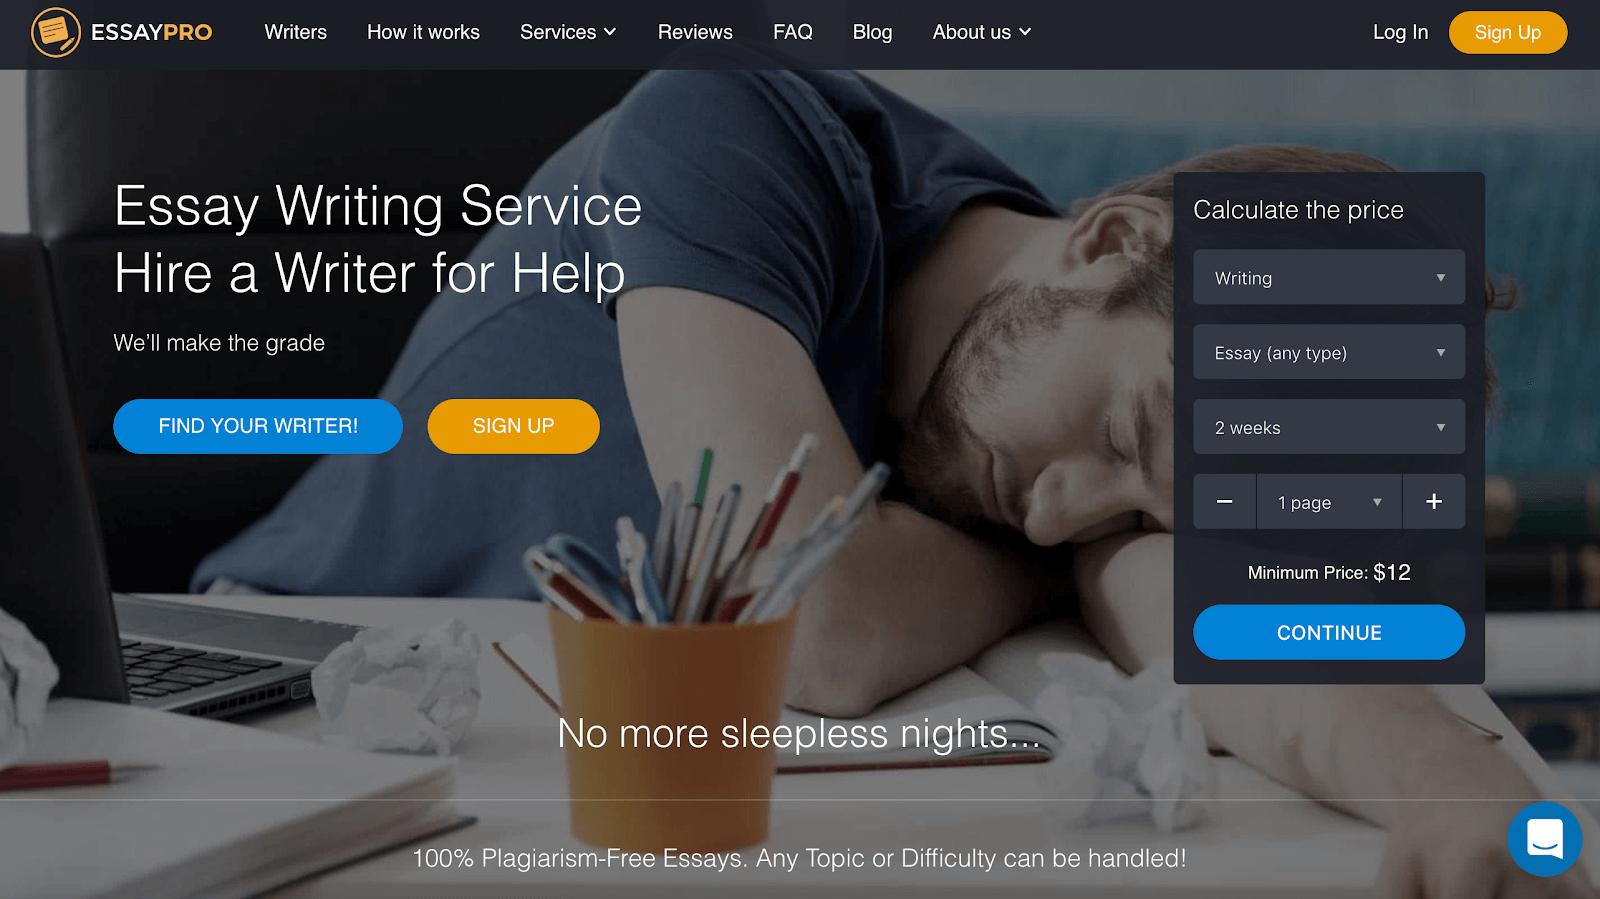 Essaypro.com home page